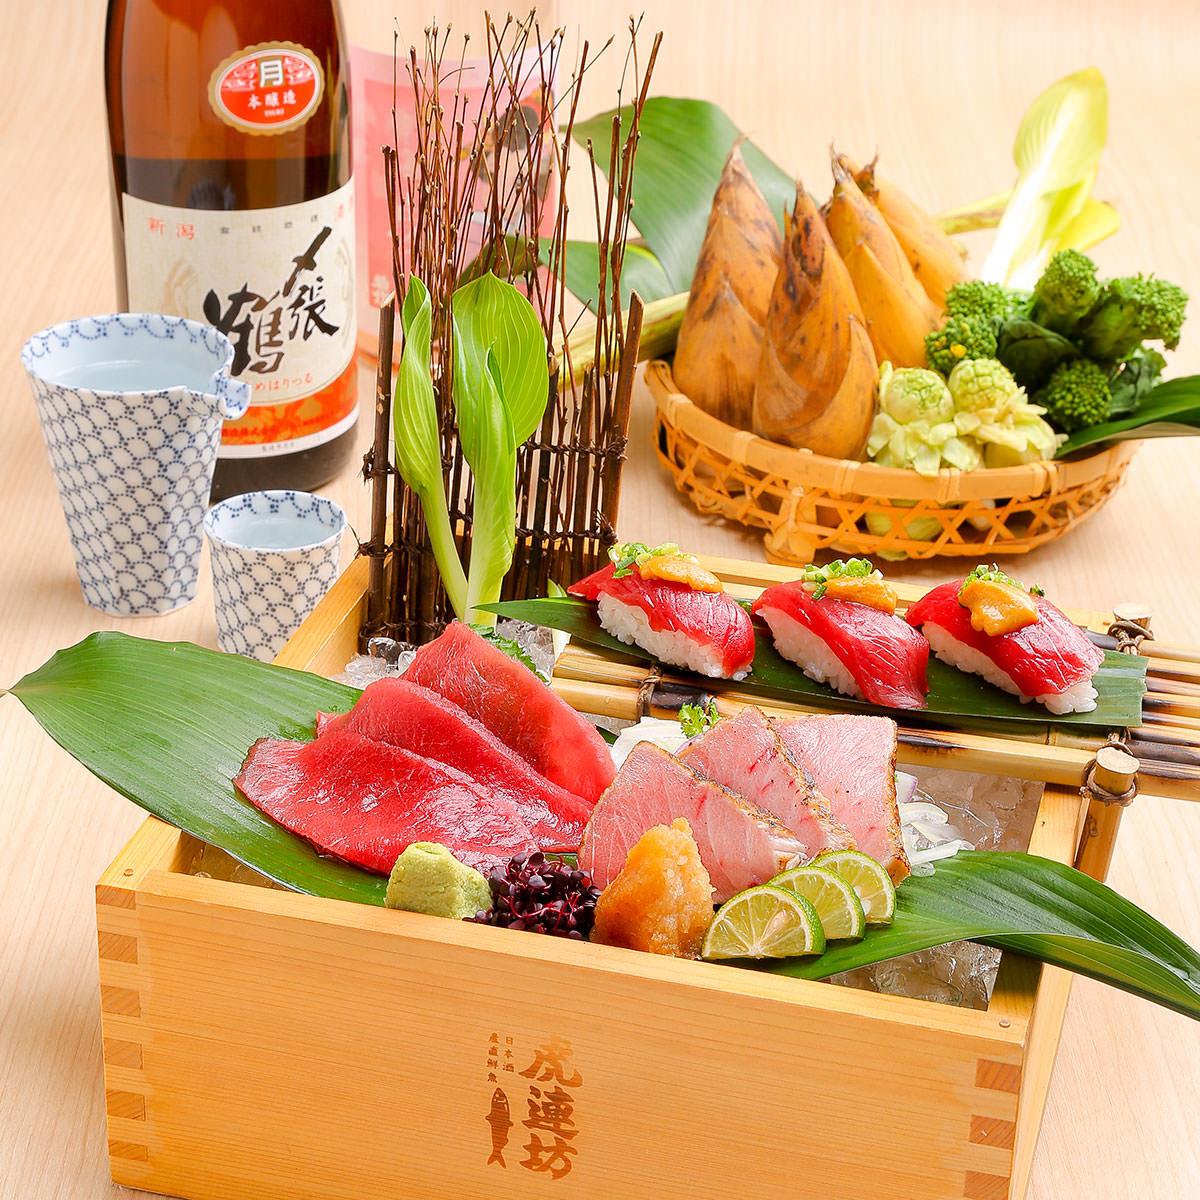 虎連坊 神保町店のイメージ写真